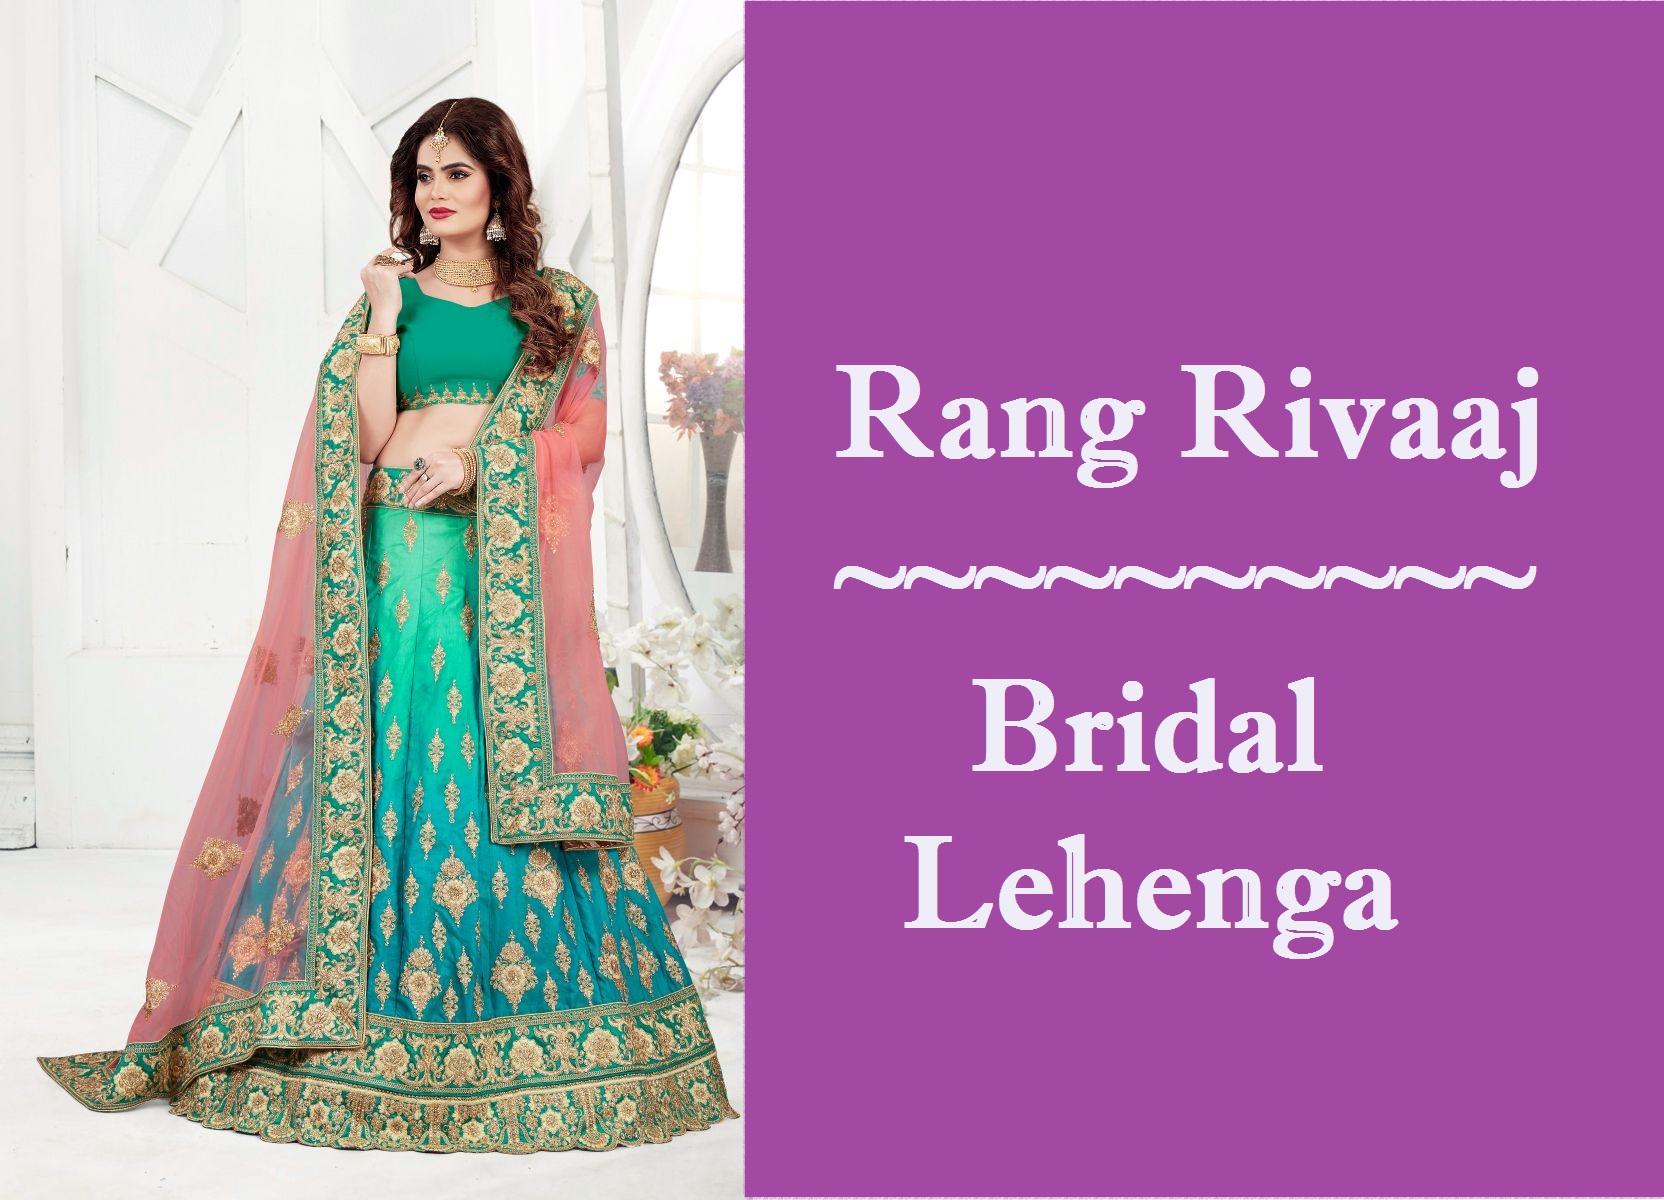 Rang Rivaaj Bridal Lehenga